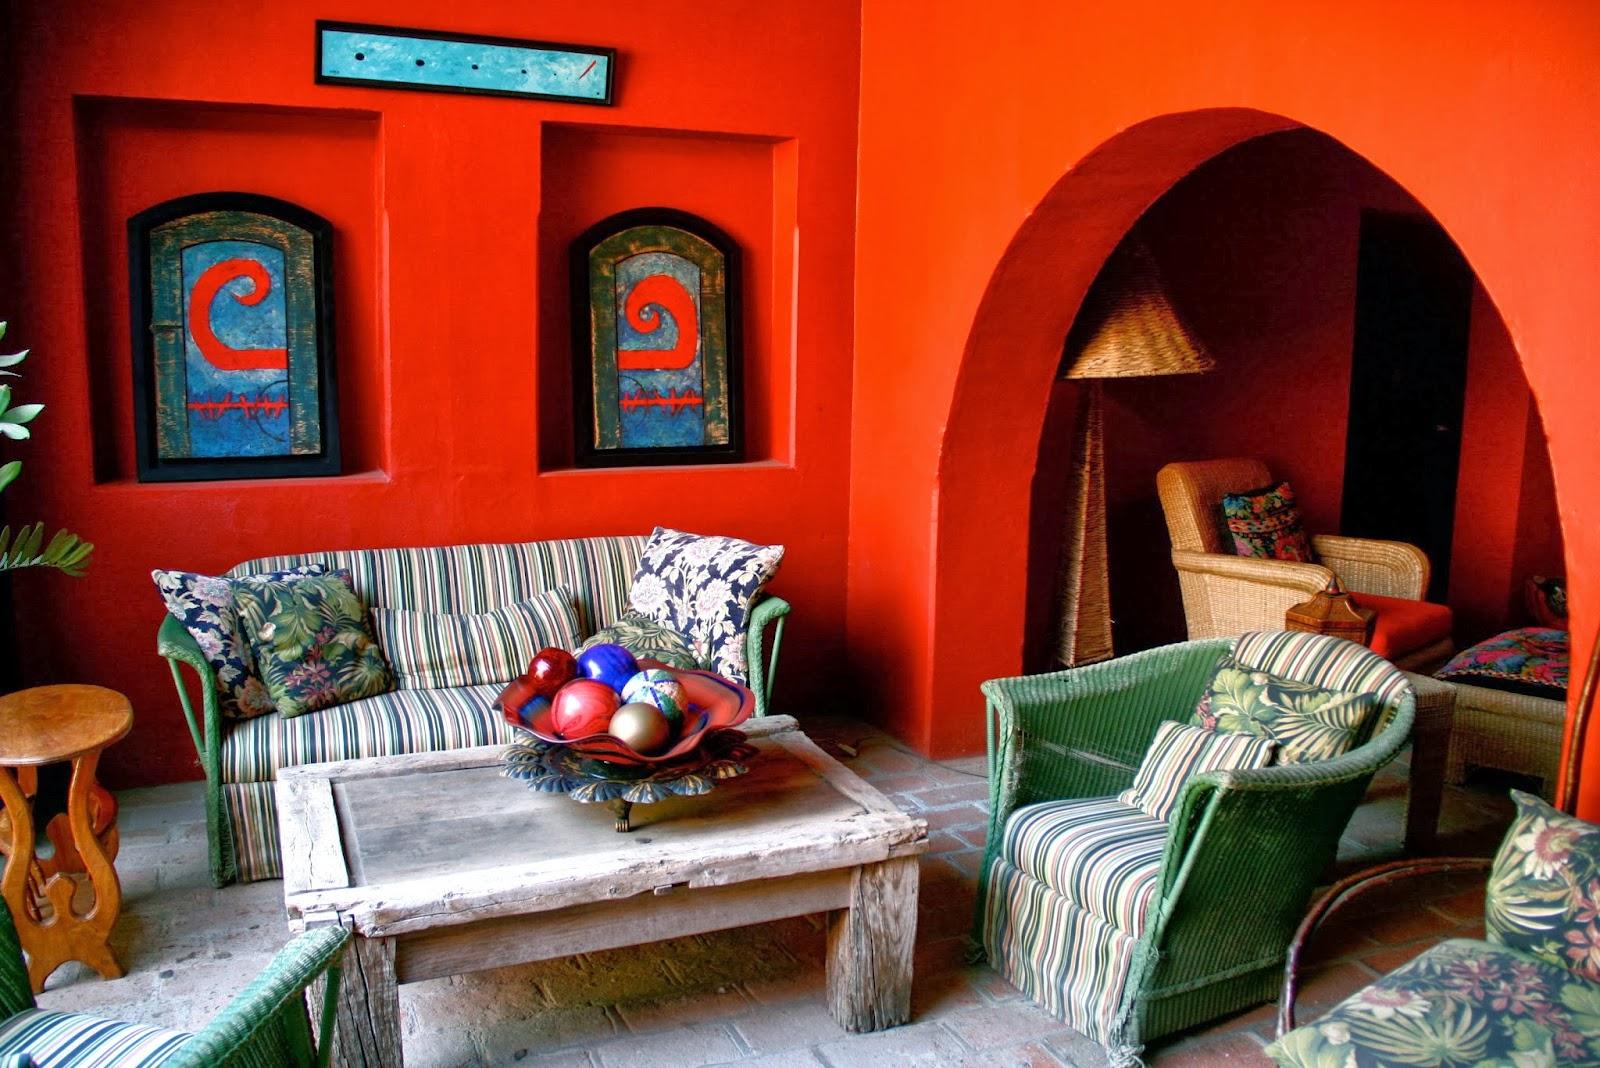 quelle d coration mexicaine pour sa nouvelle maison. Black Bedroom Furniture Sets. Home Design Ideas